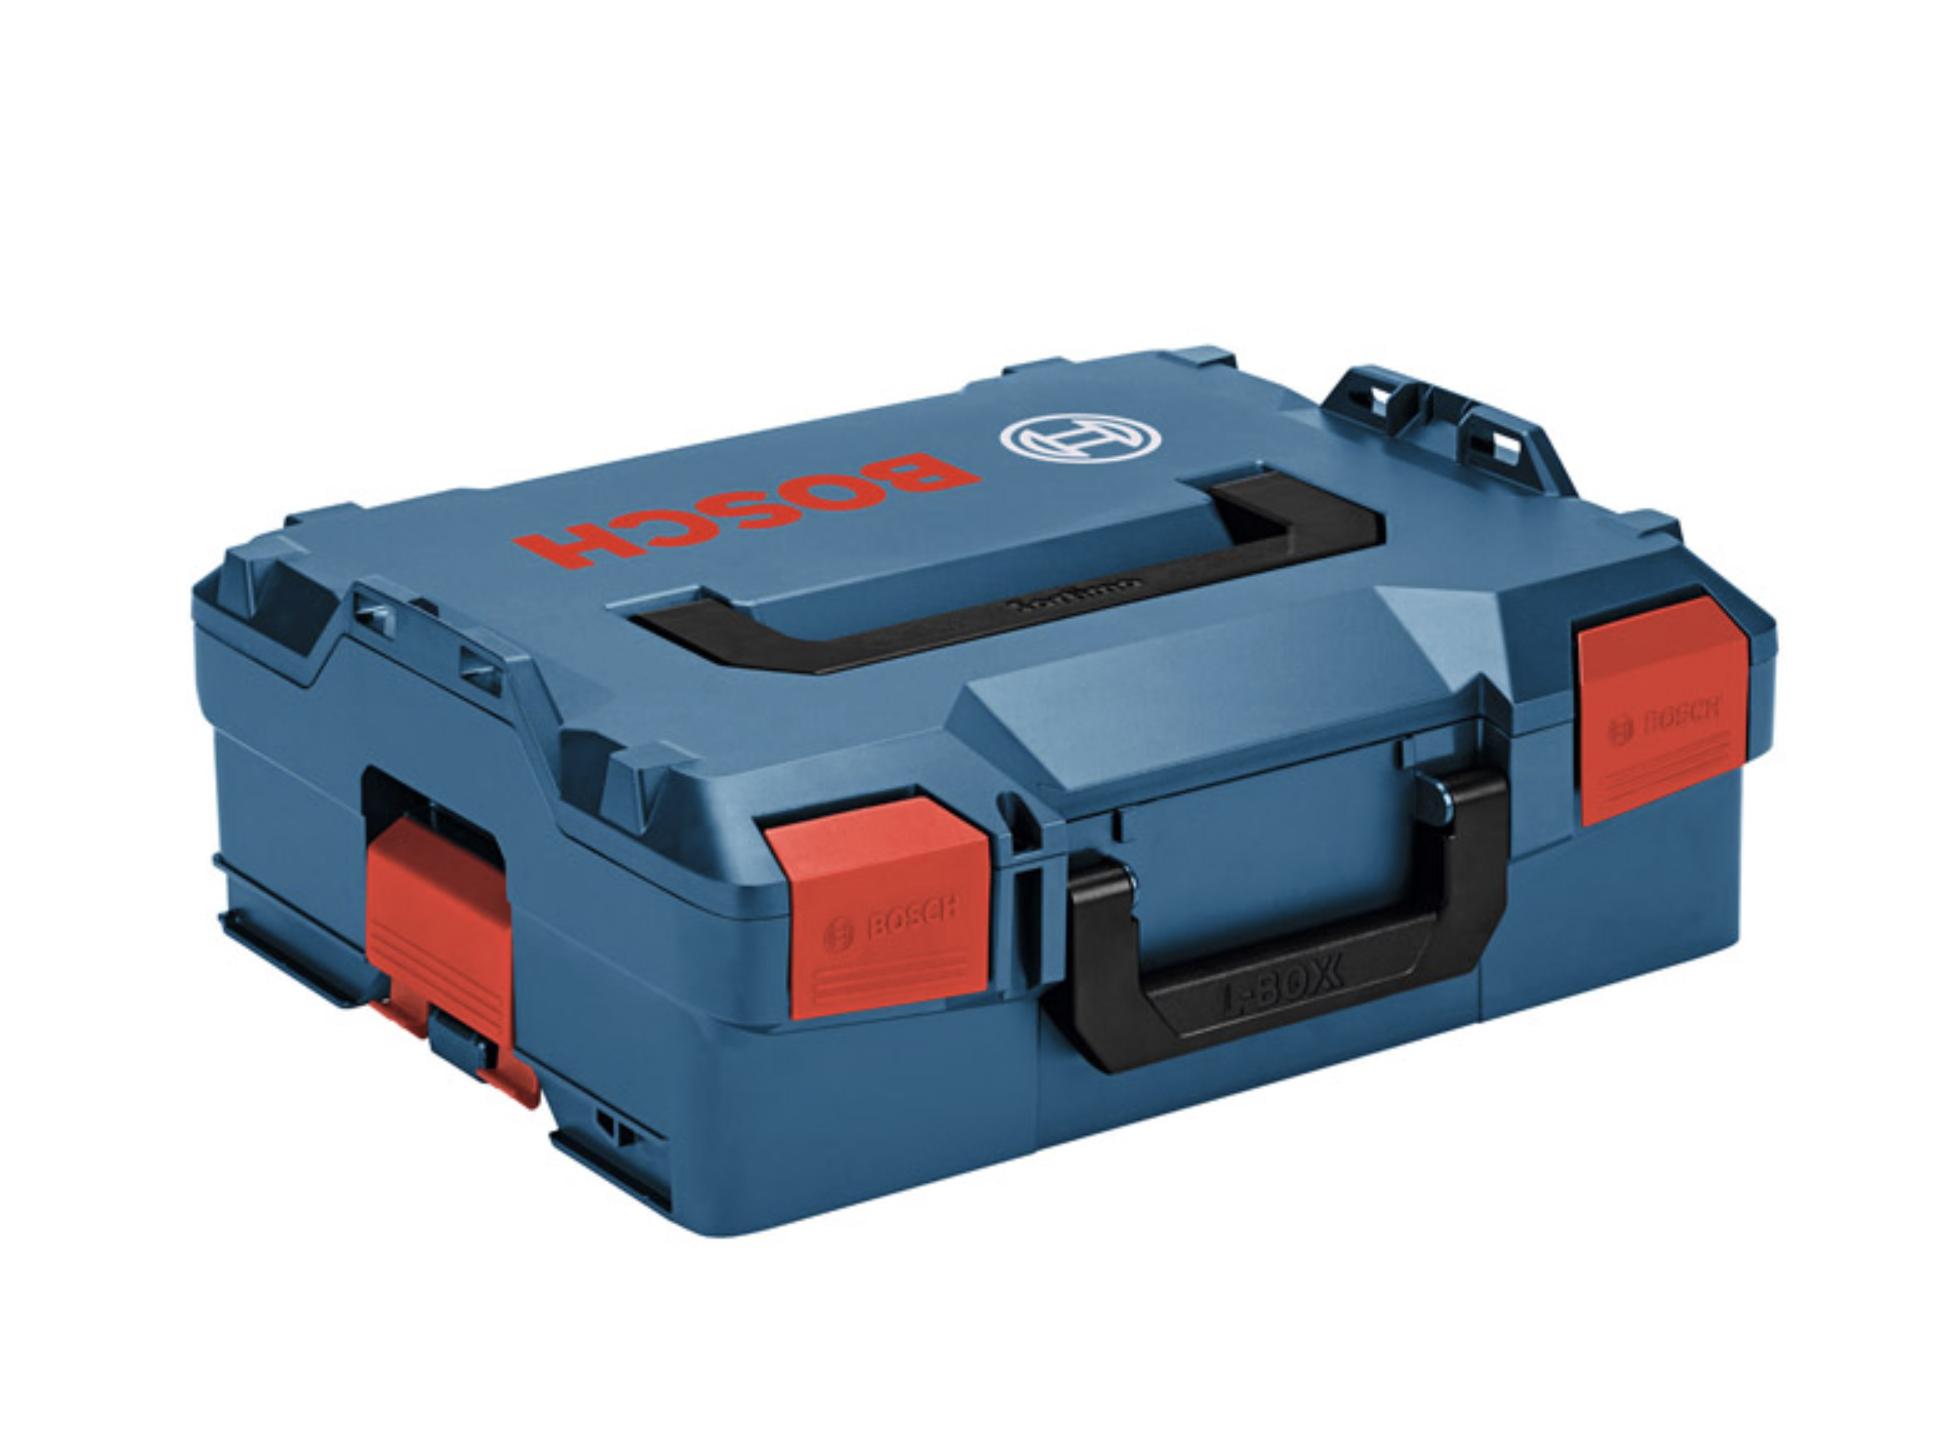 【ボッシュ】つながる!エルボックス 電動工具も先端工具も、まとめて楽にスマートに! 運べる、しまえる、取り出せる!『L-BOXX(エルボックス)シリーズ』の画像